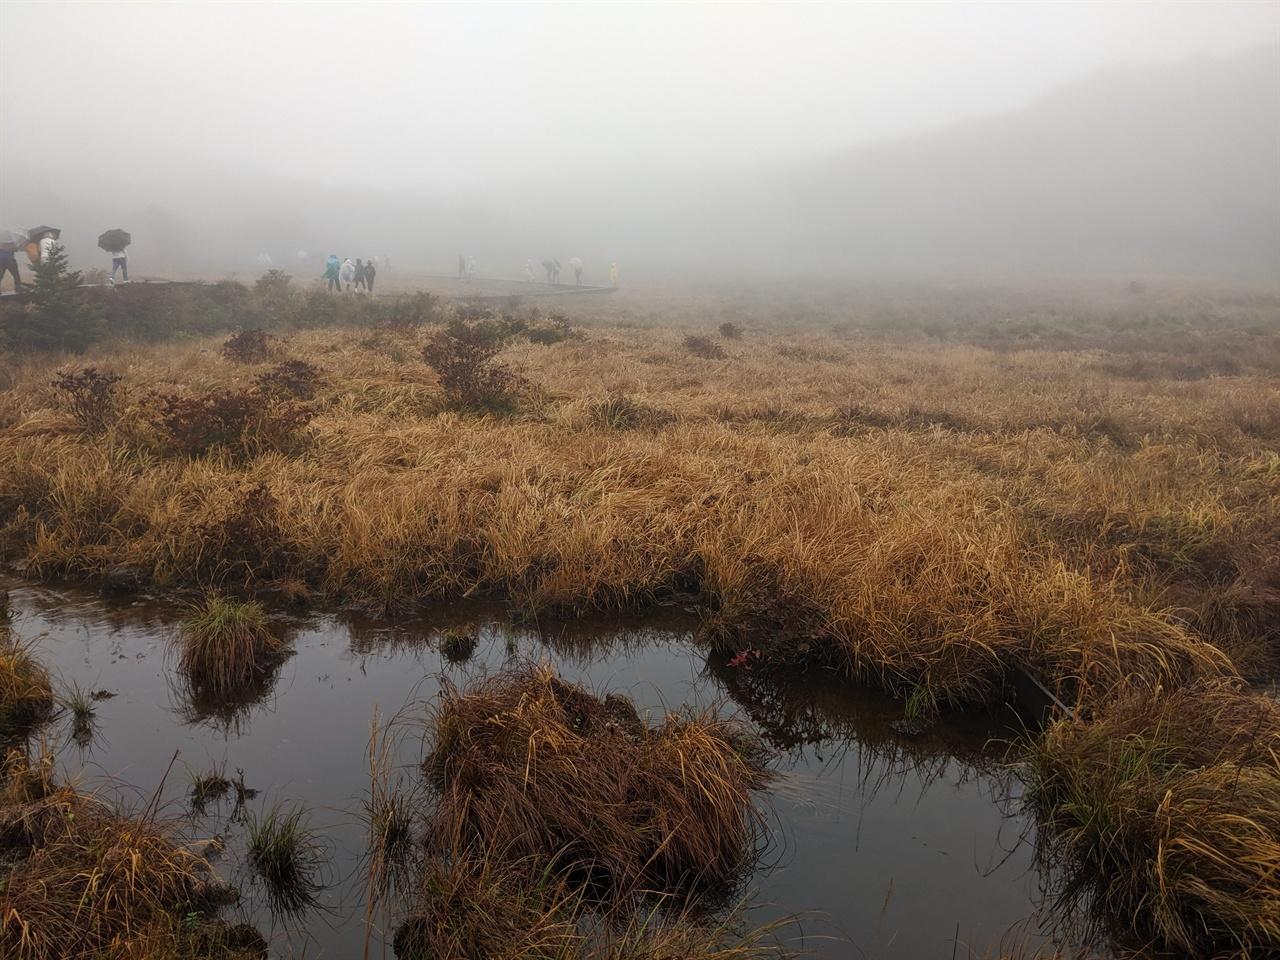 10월의 용늪 7월 말에 방문하면 푸른색 늪에 희귀 야생화들이 피어있다고 한다.